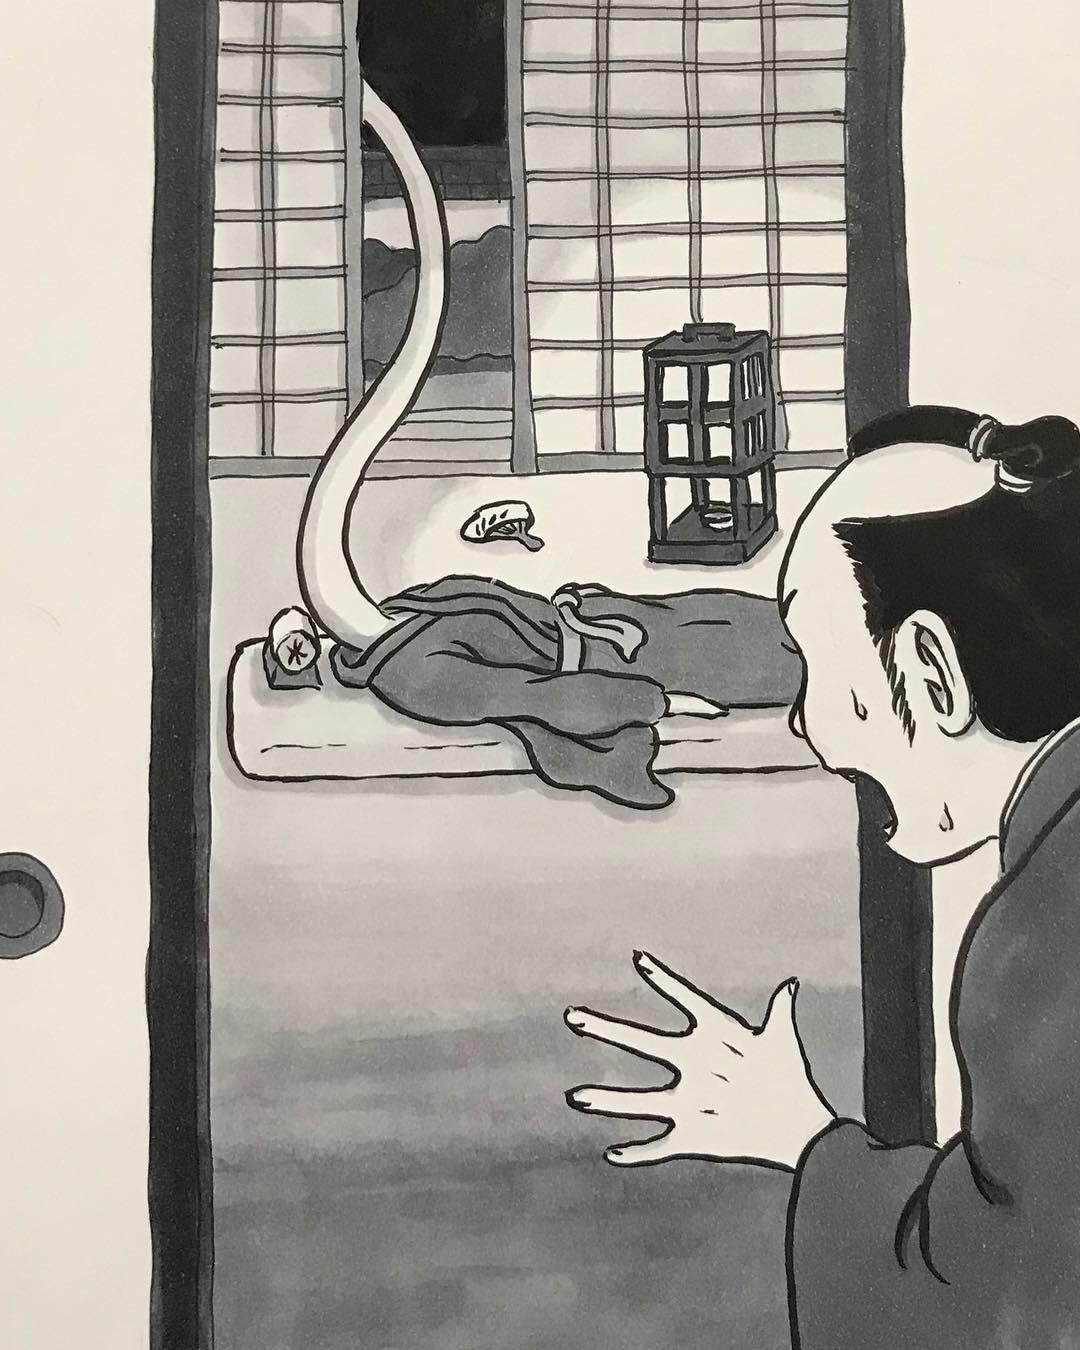 ろくろっ首のお菊さん久々 ROKURO-KUBI2